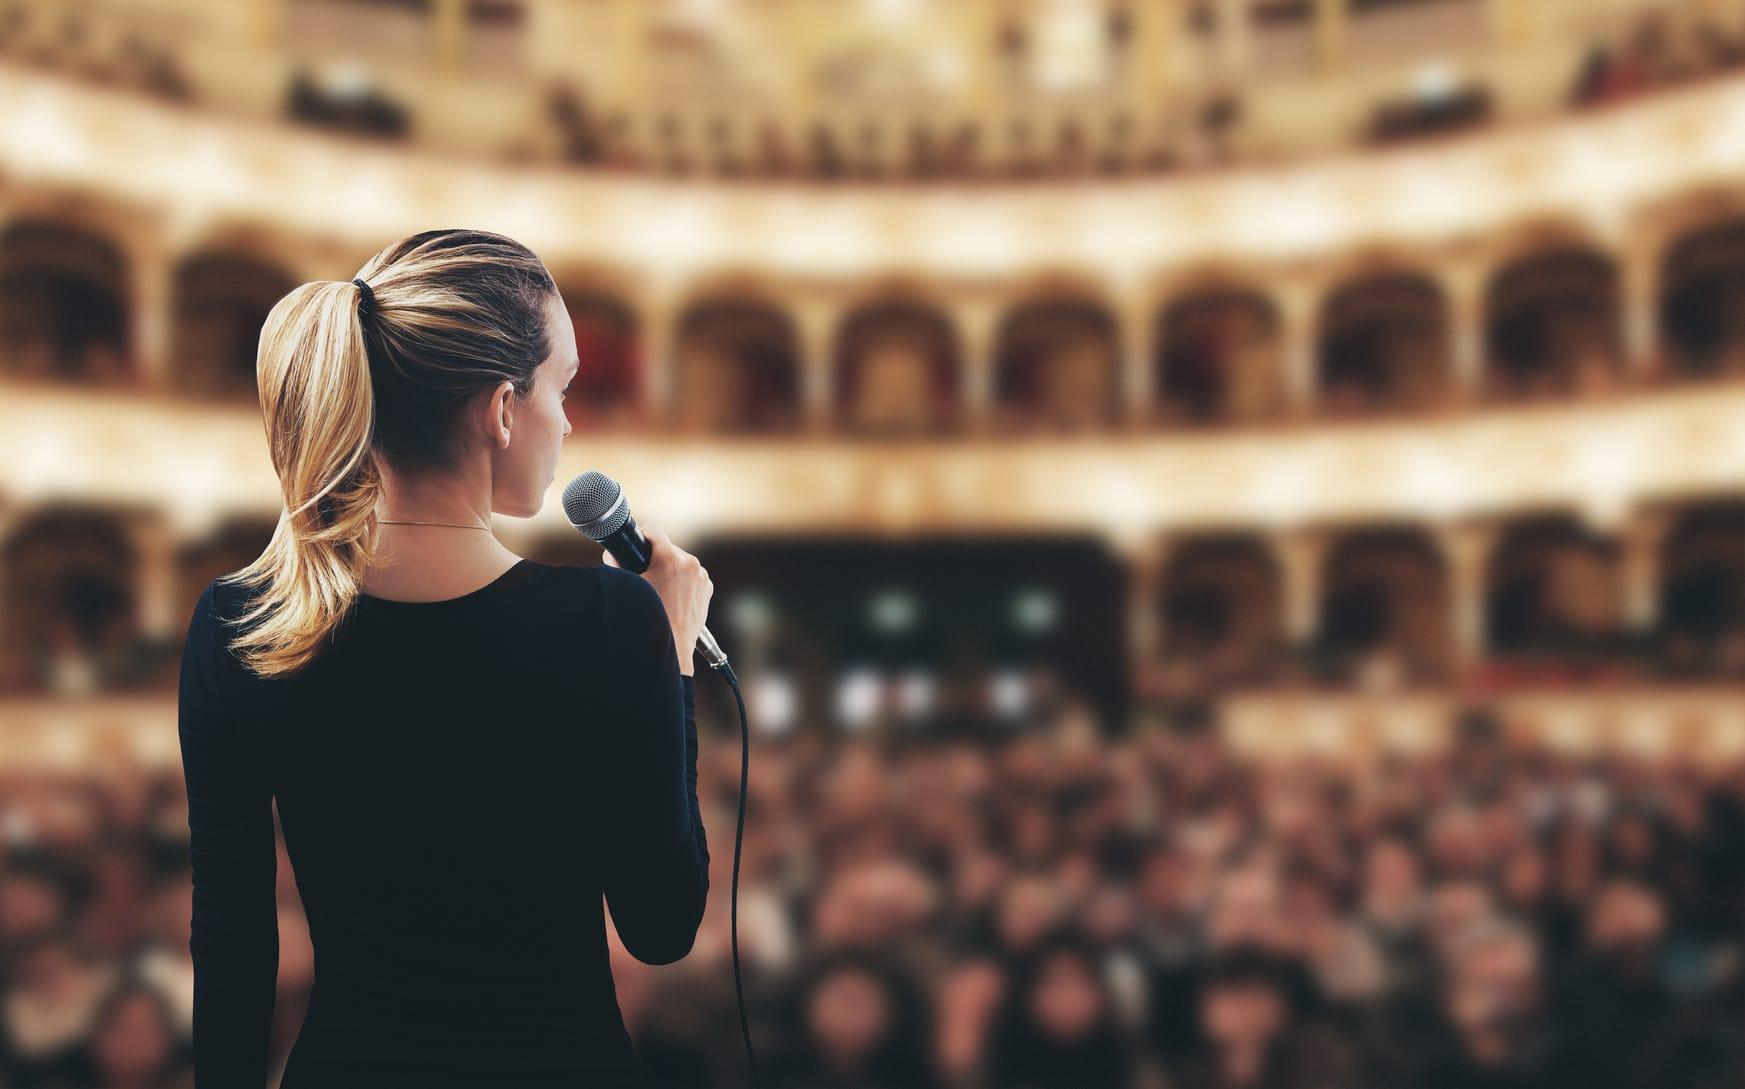 Können stotternde Menschen fehlerfrei singen?